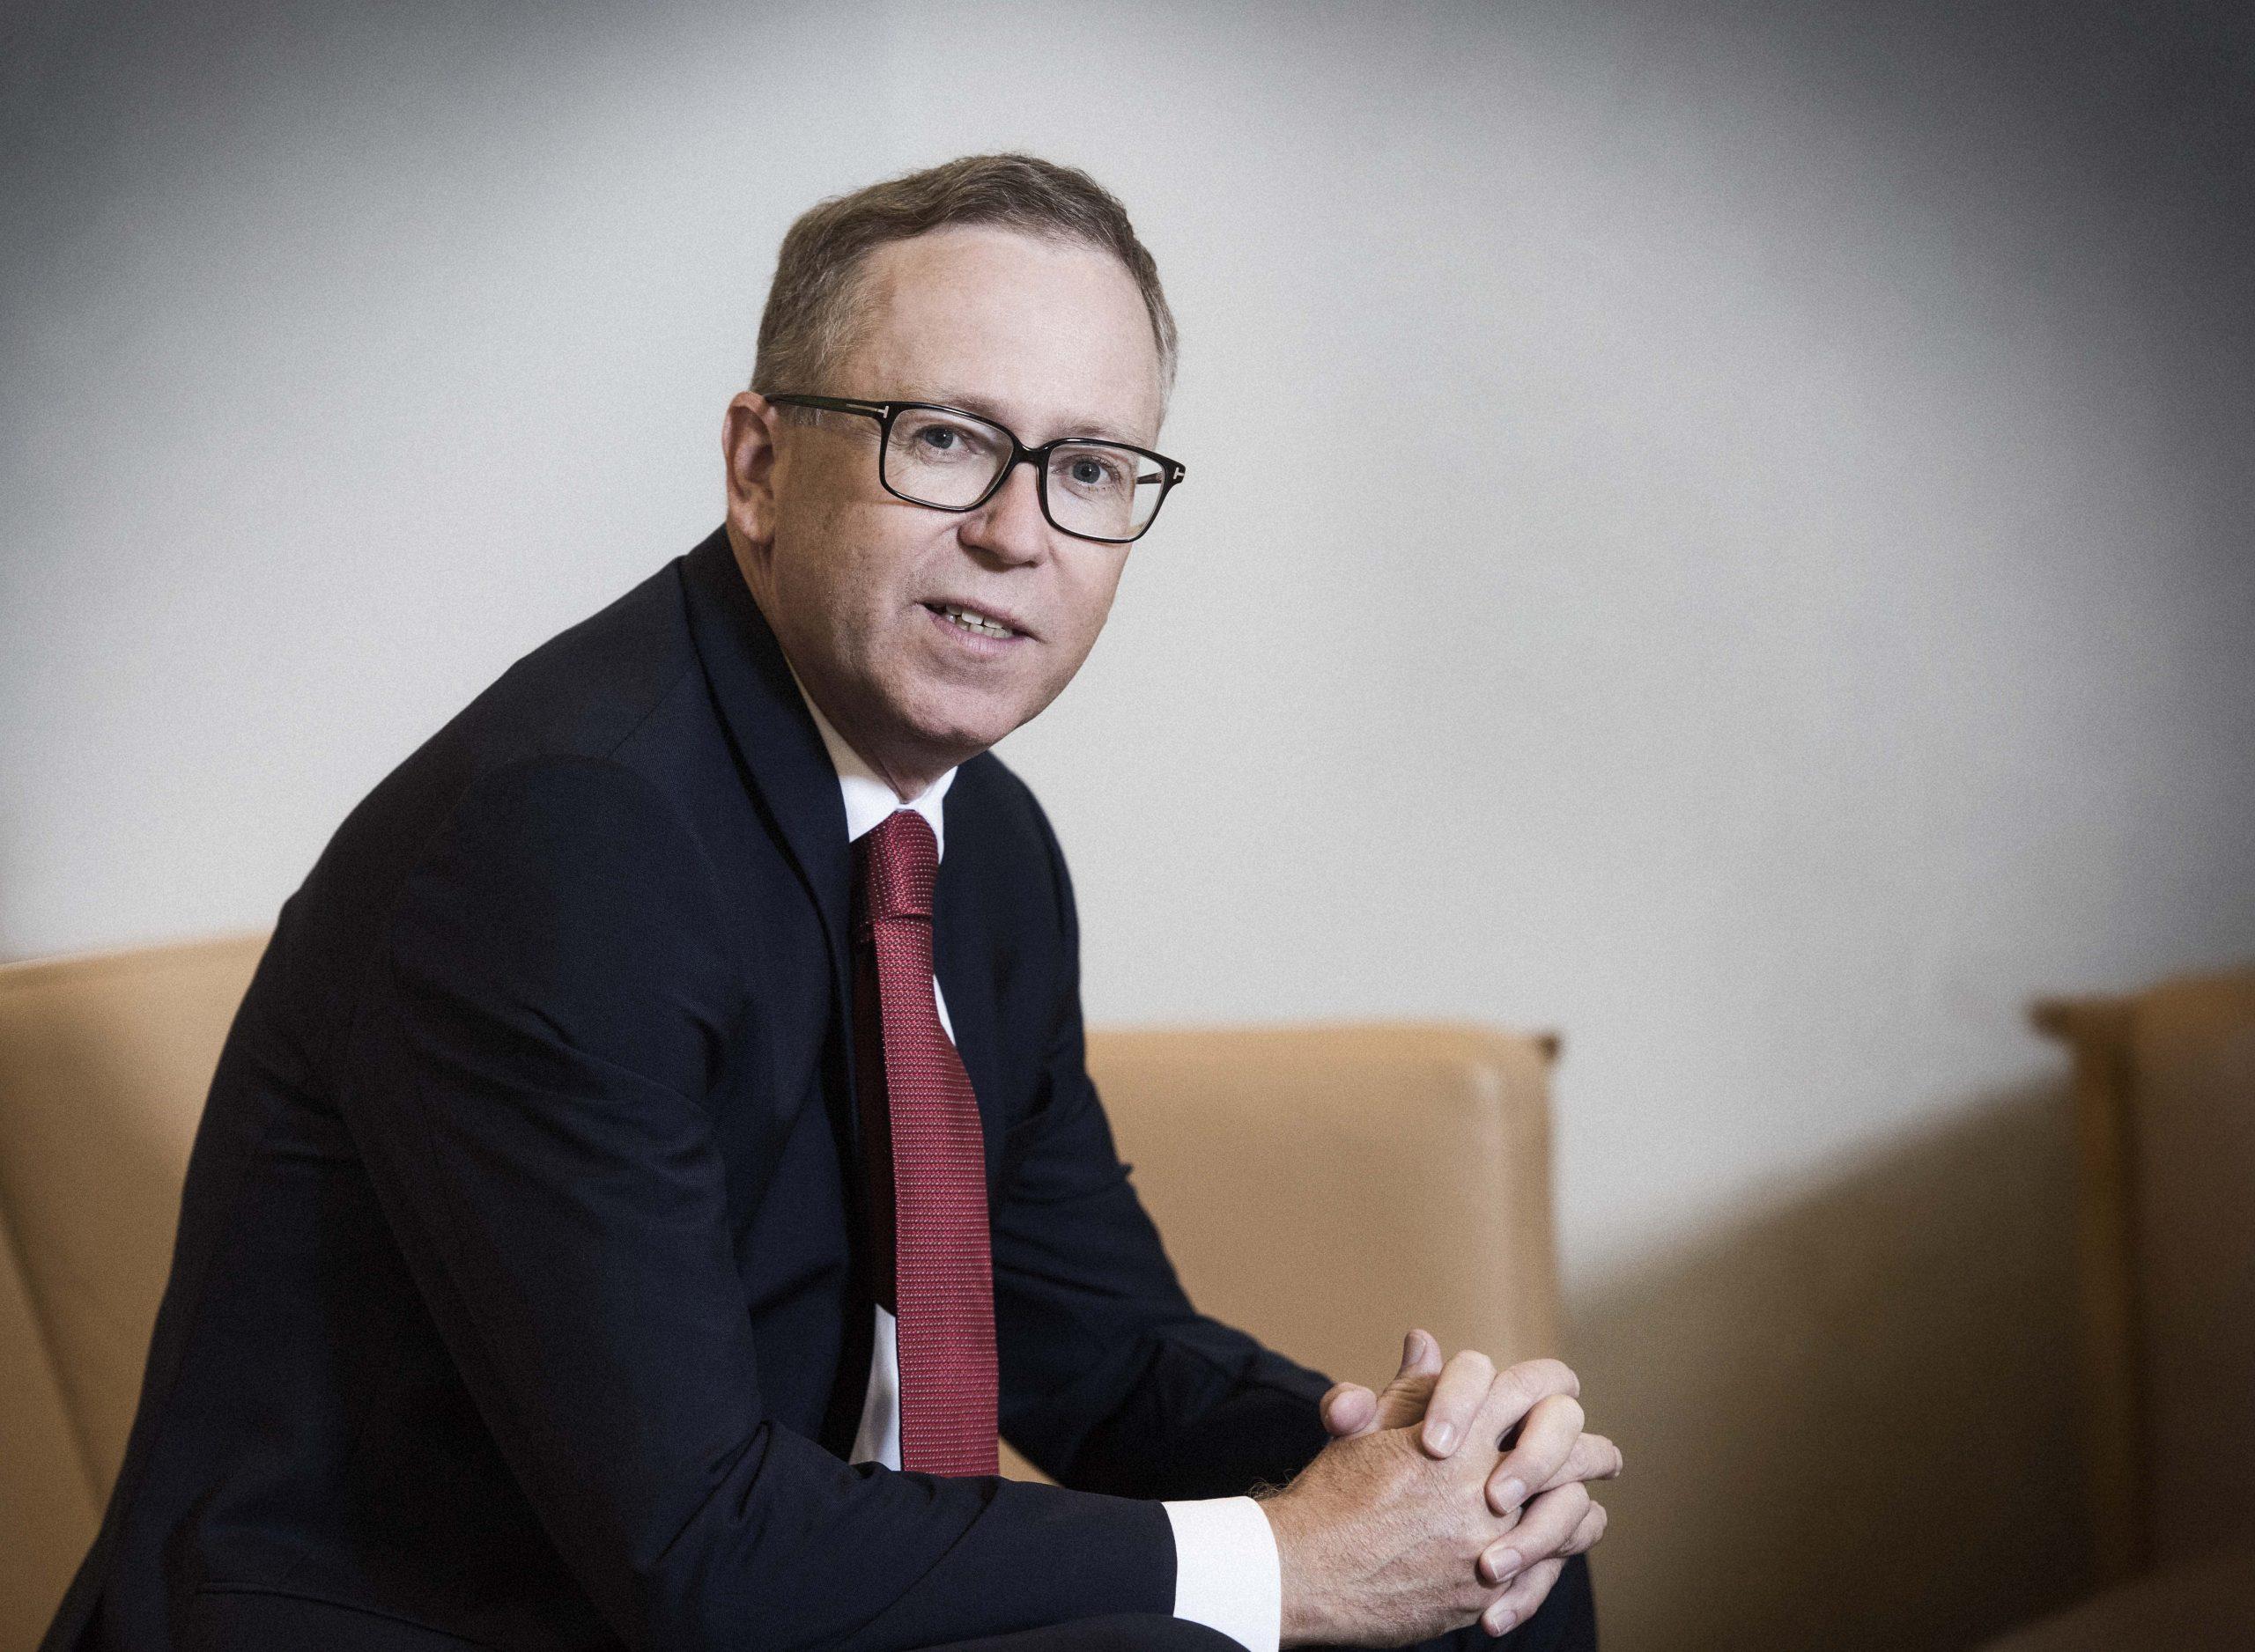 Foto: Henrik Blavnsfeldt, underdirektør i Realkredit Danmark